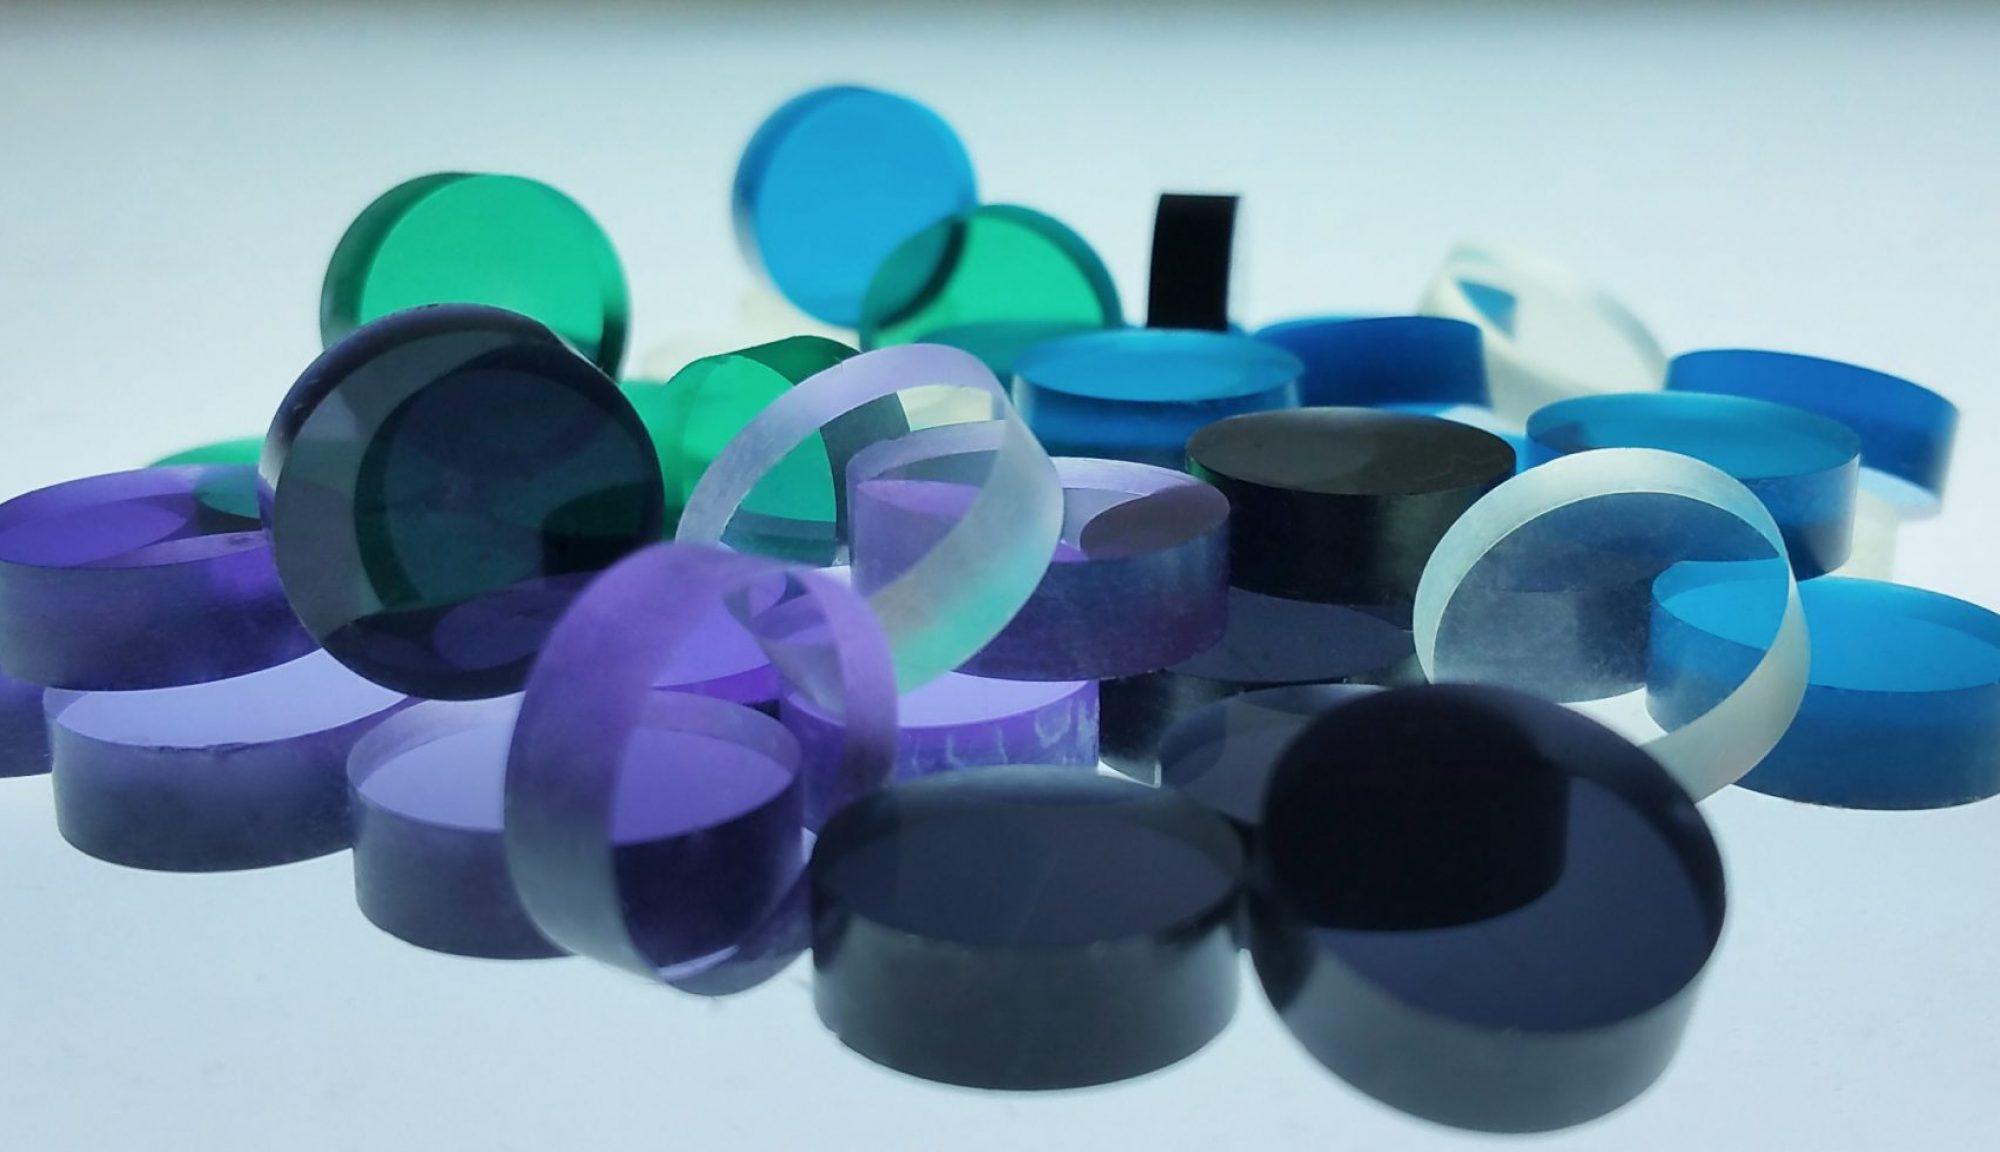 Contact Lens Manufacturers Association